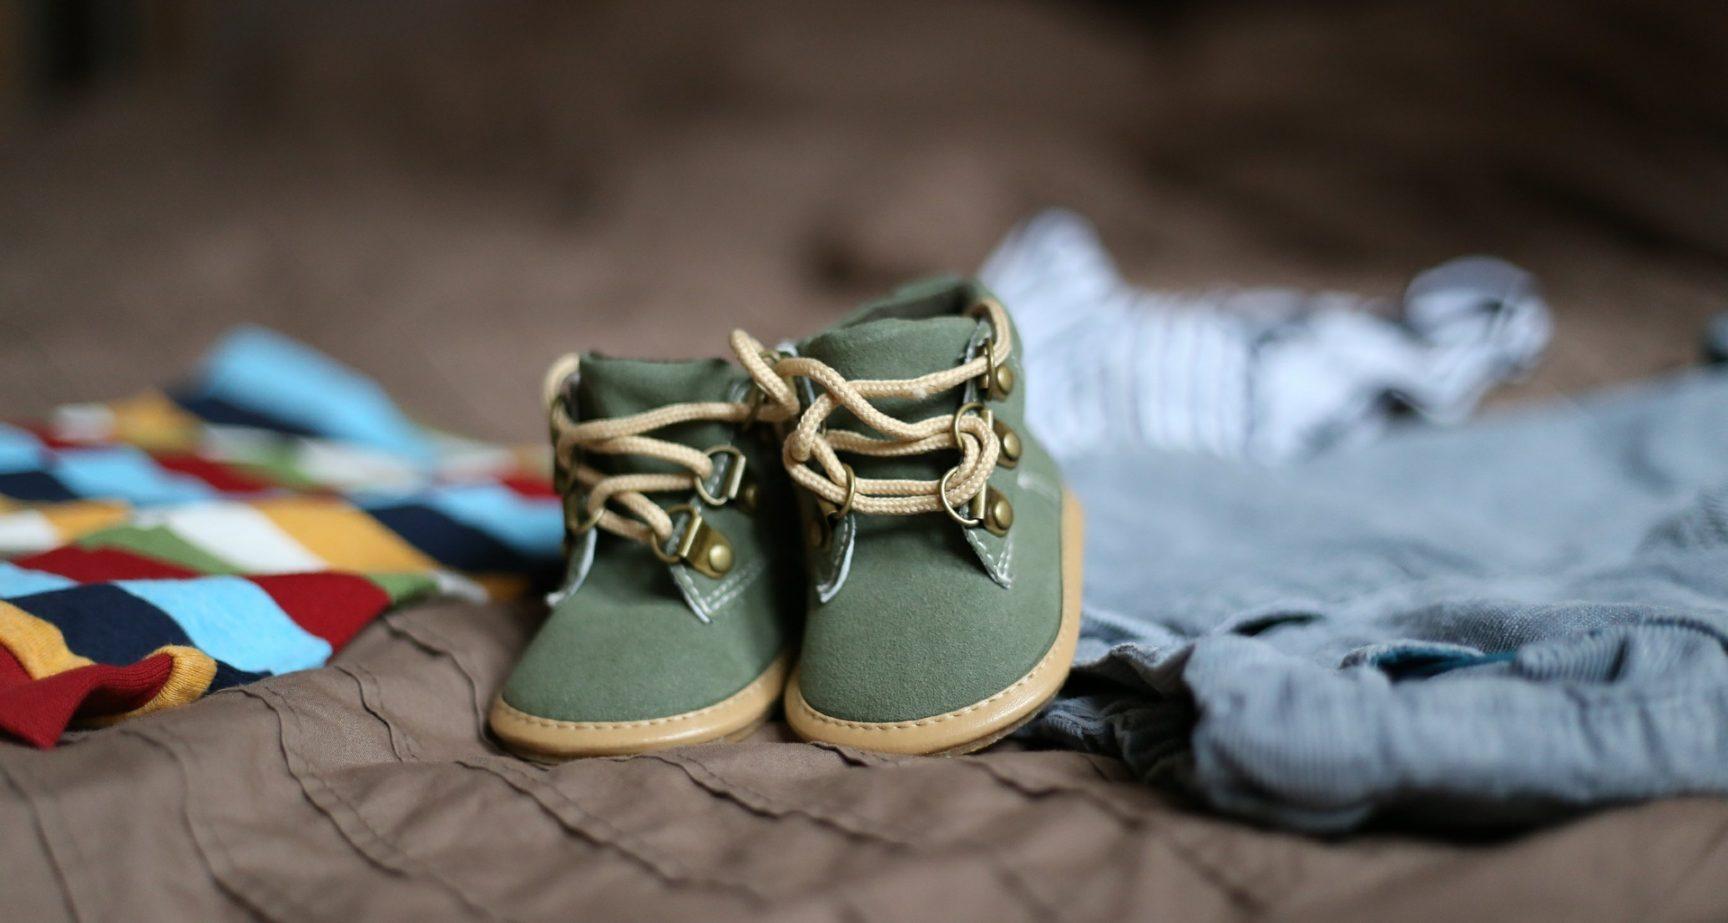 Weshalb die richtige Kleidung für ihre Kinder wichtig ist